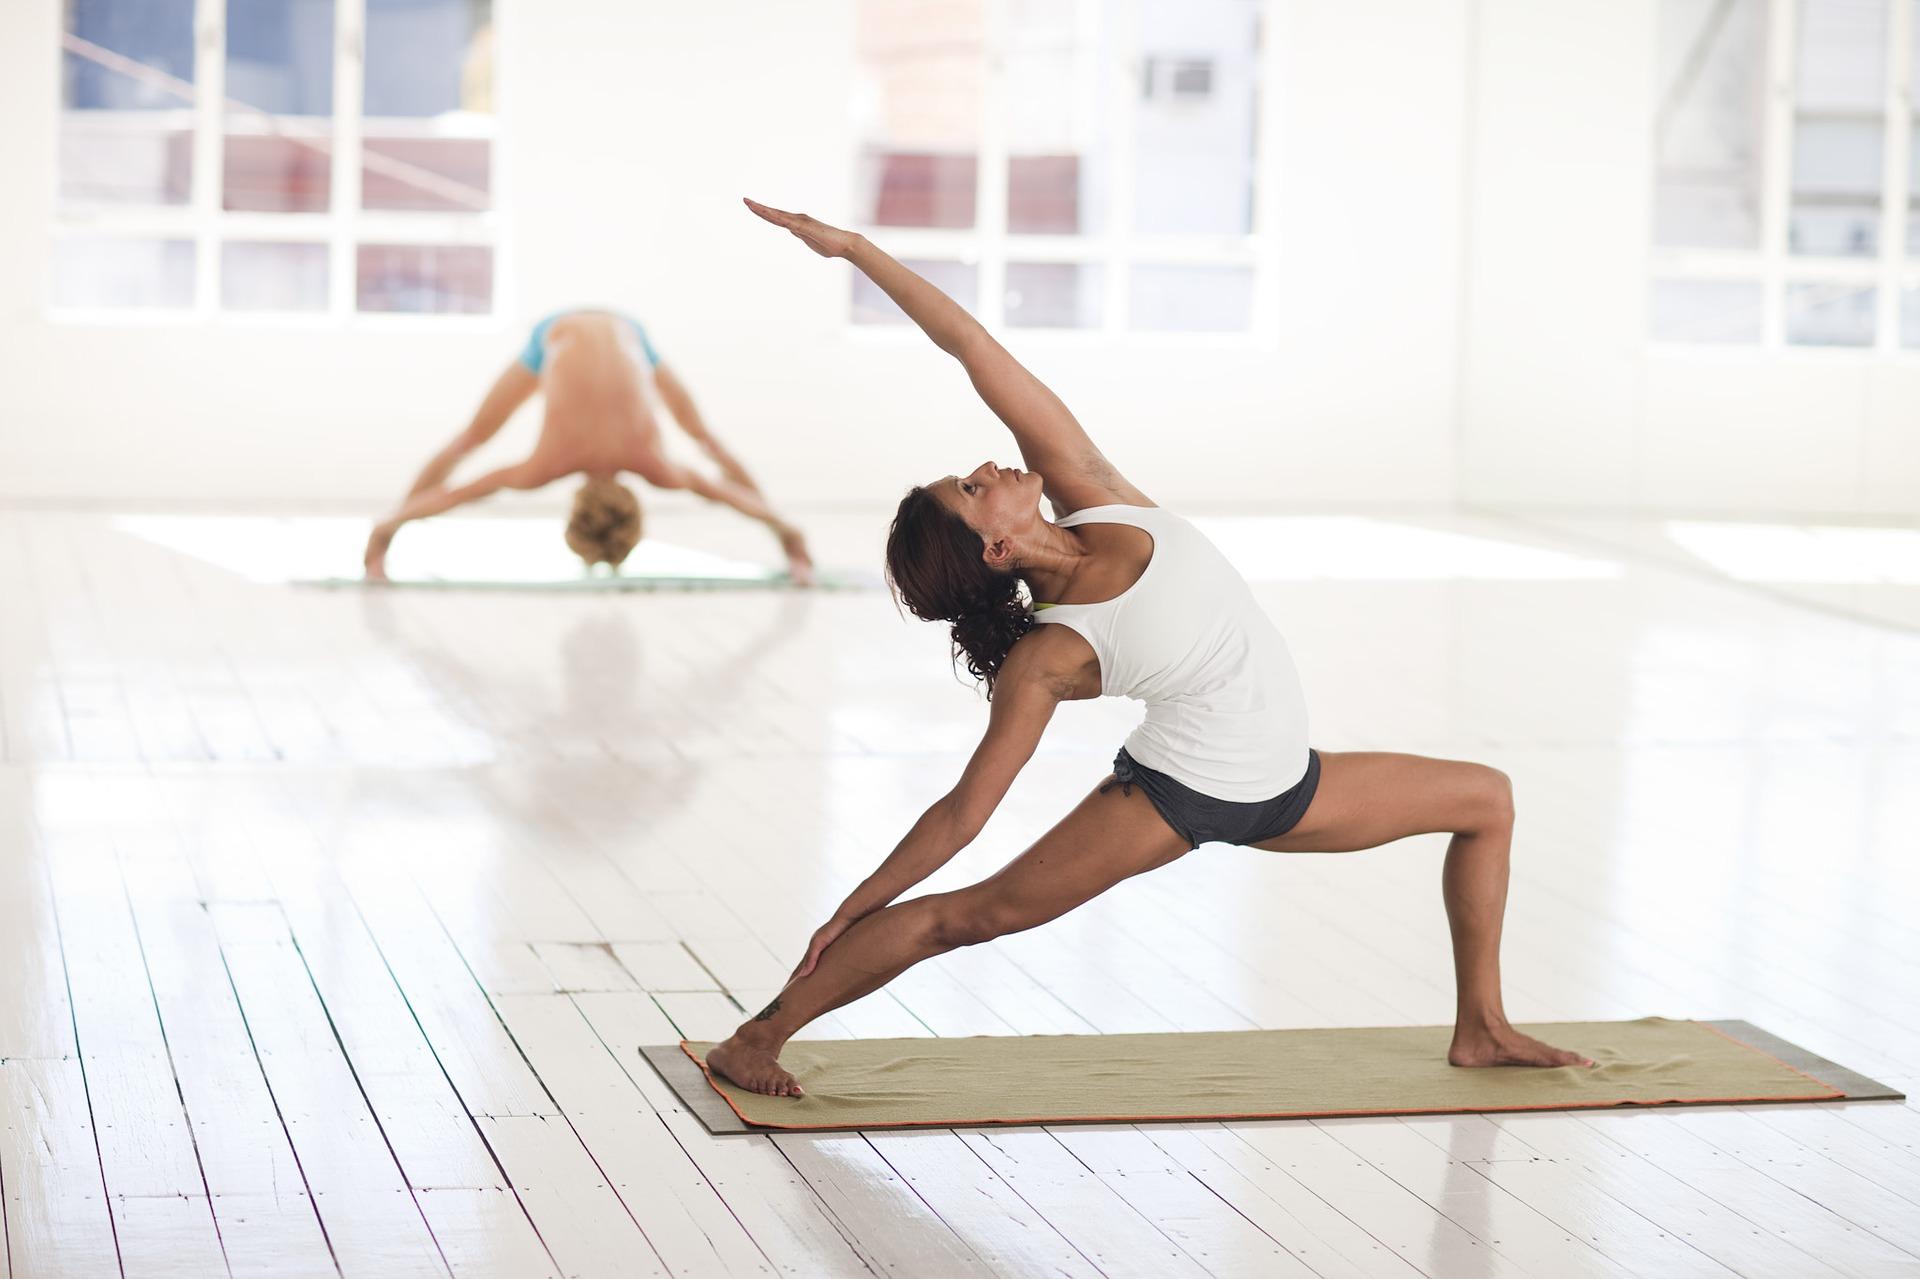 Що краще – йога або пілатес? Поради щодо вибору своєї активності